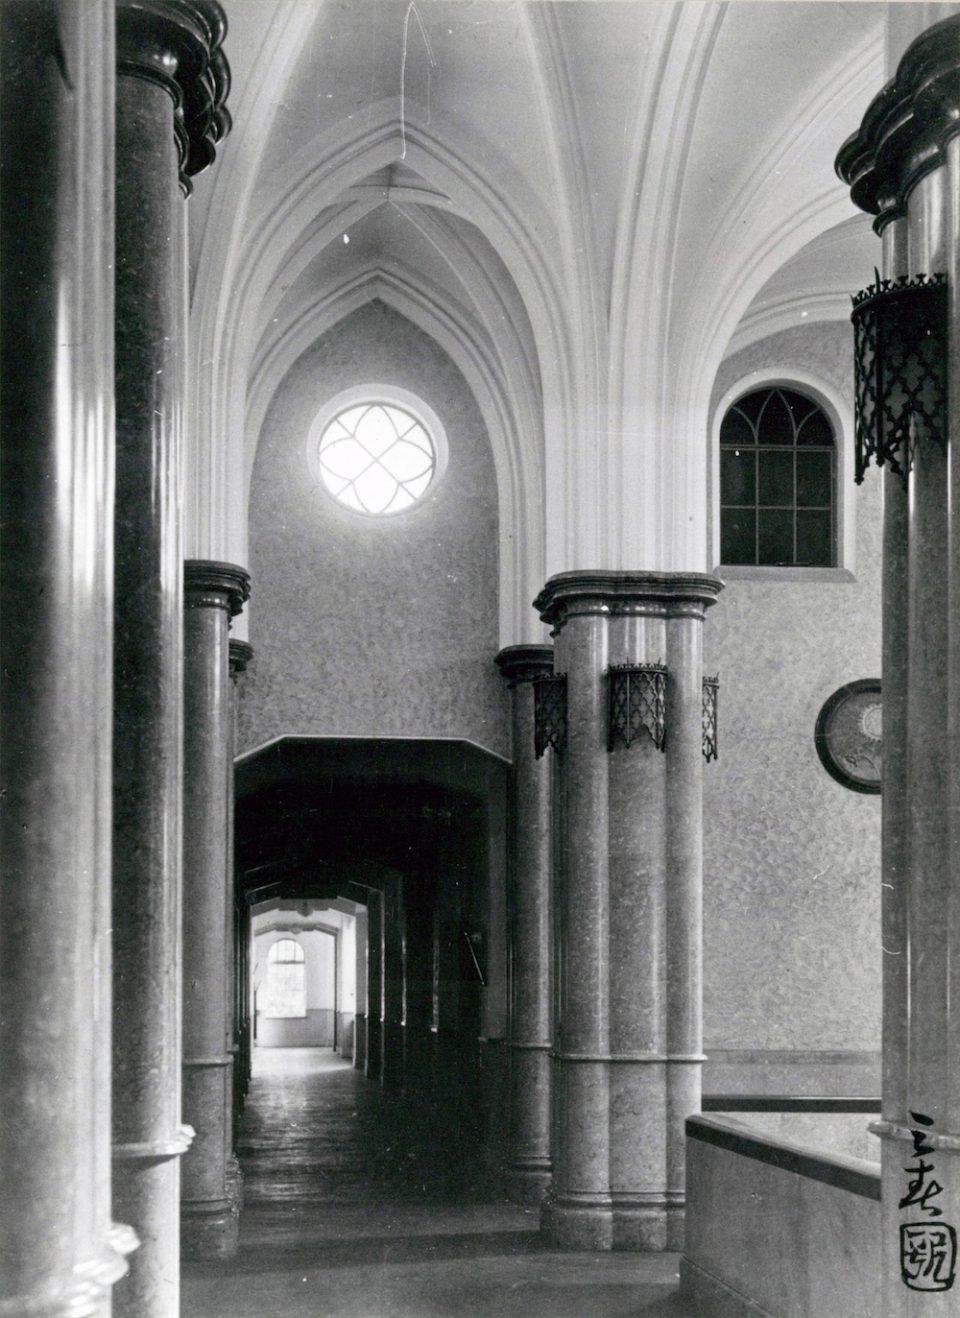 アインシュタイン・ドーム(写真: 北海道大学大学文書館提供)